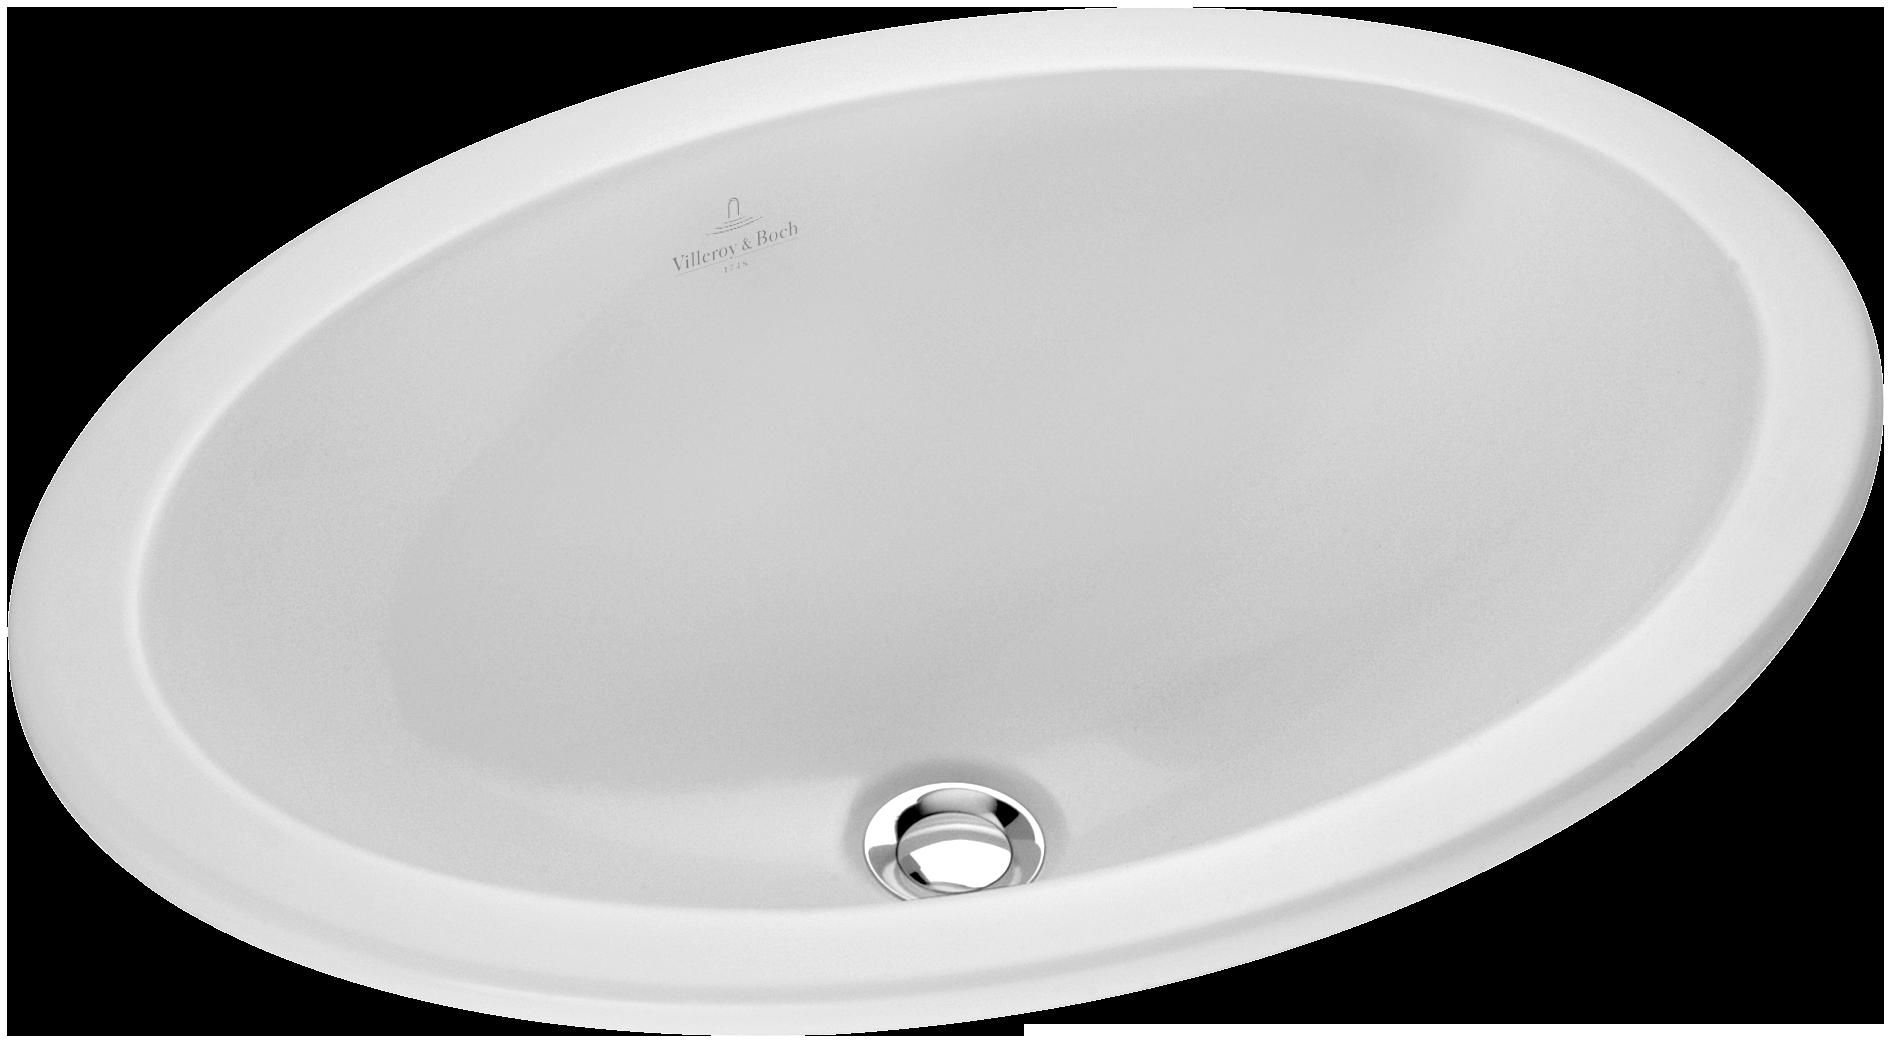 loop & friends lavabo da incasso ovale 615510 - villeroy & boch - Lavabo Da Incasso Per Bagno